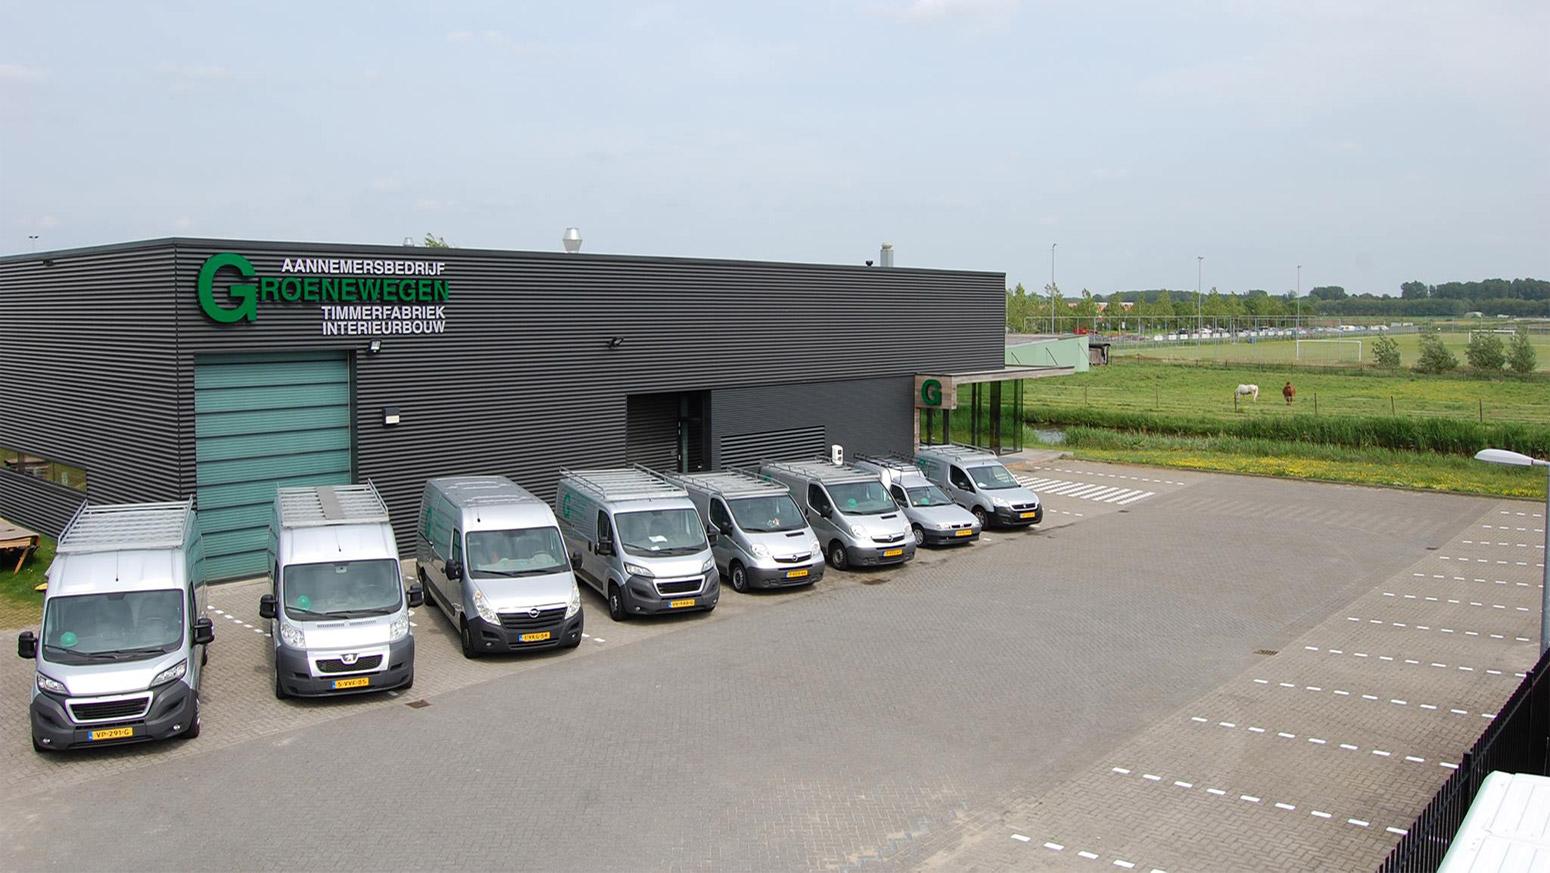 Timmerfabriek met wagenpark Groenewegen Aannemersbedrijf BV Bergschenhoek